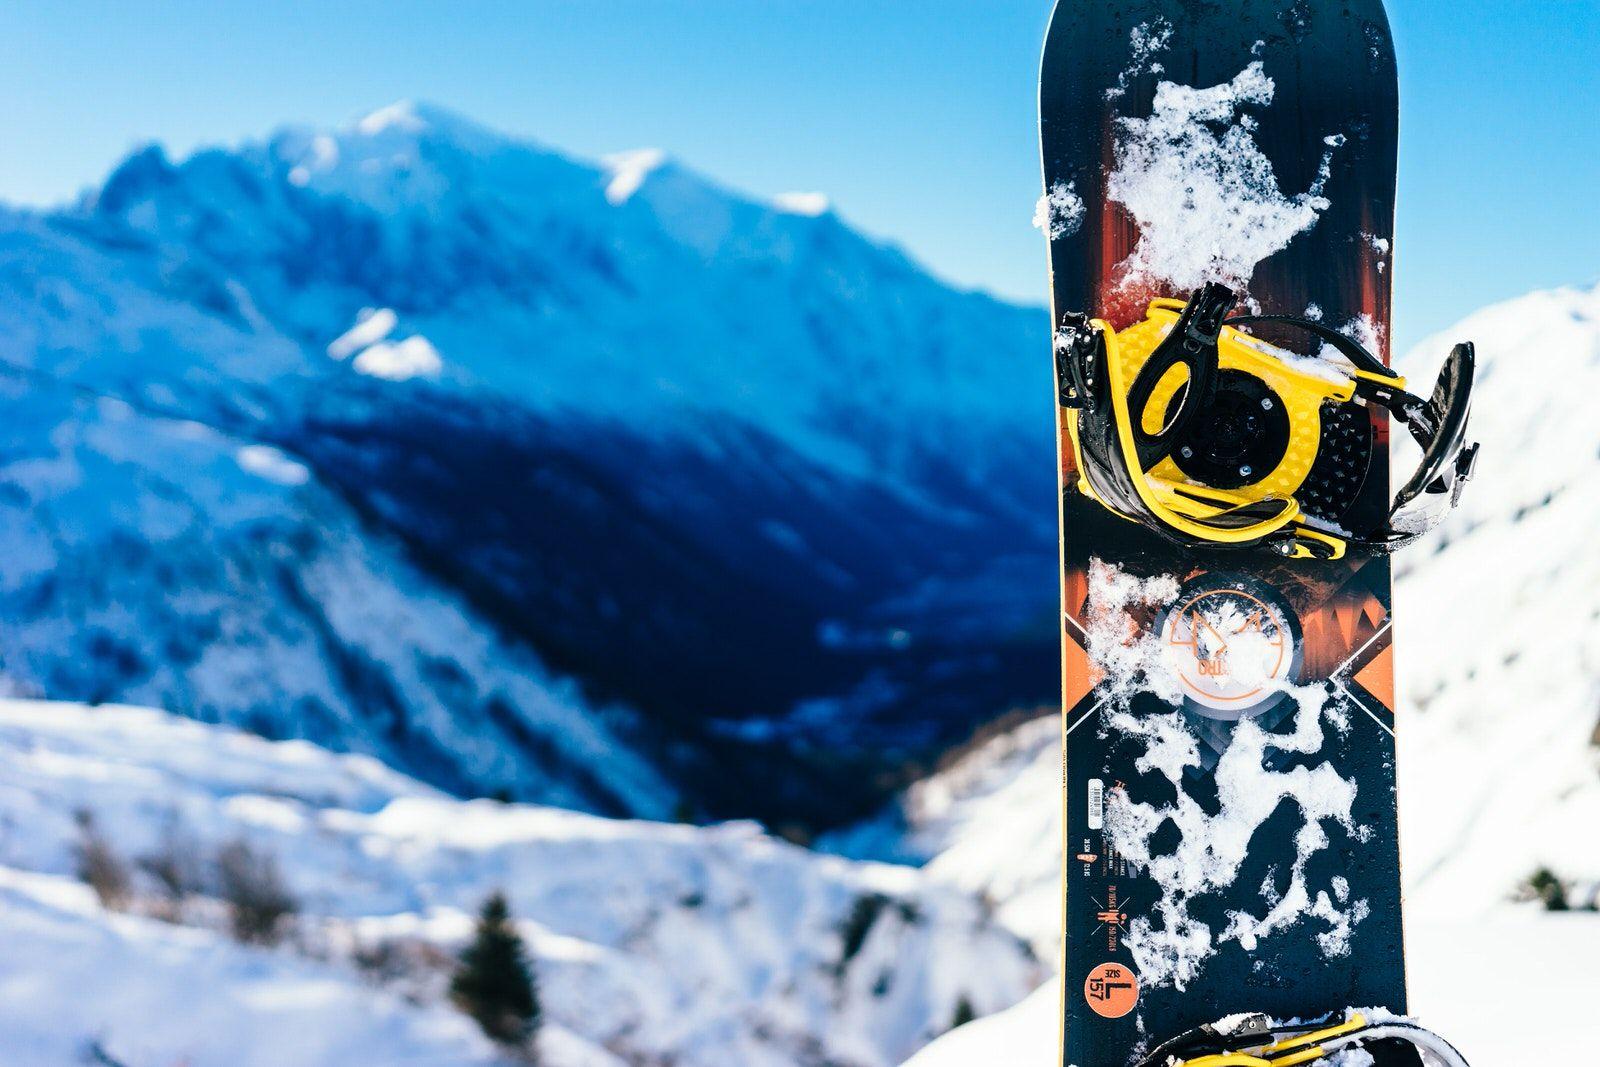 σανίδι για snowboard treavelshare.gr